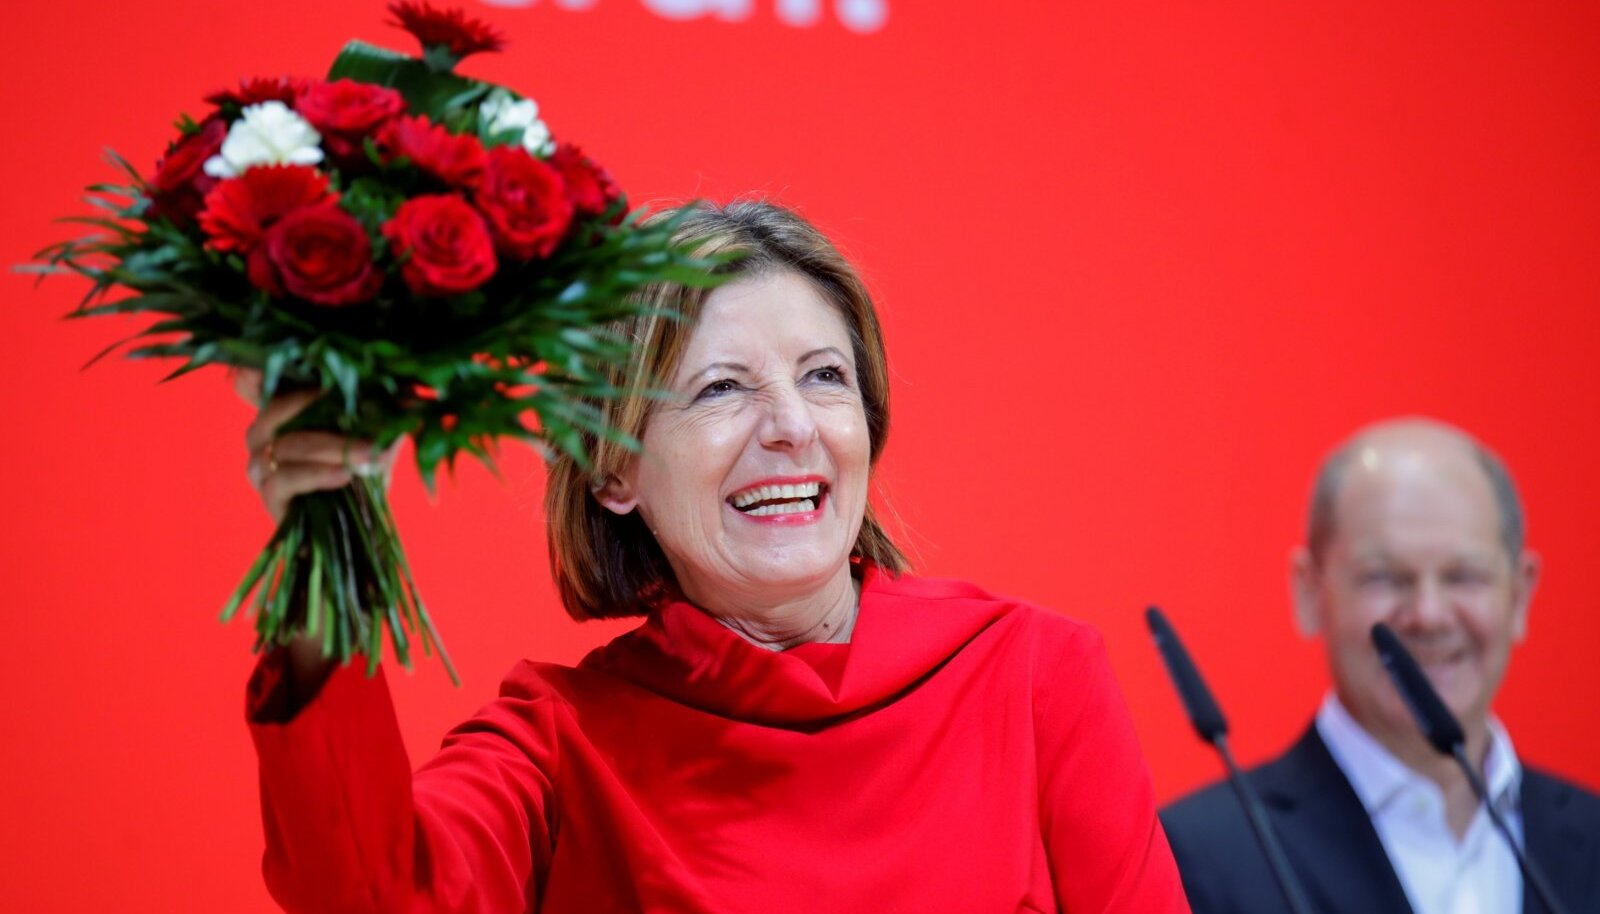 Rheinland-Pfalzi valimised võitsid sotsid, kelle esinumber on Malu Dreyer. Taamal rõõmustab sügiseste valimiste kantslerikandidaat, praegune rahandusminister Olaf Scholz.